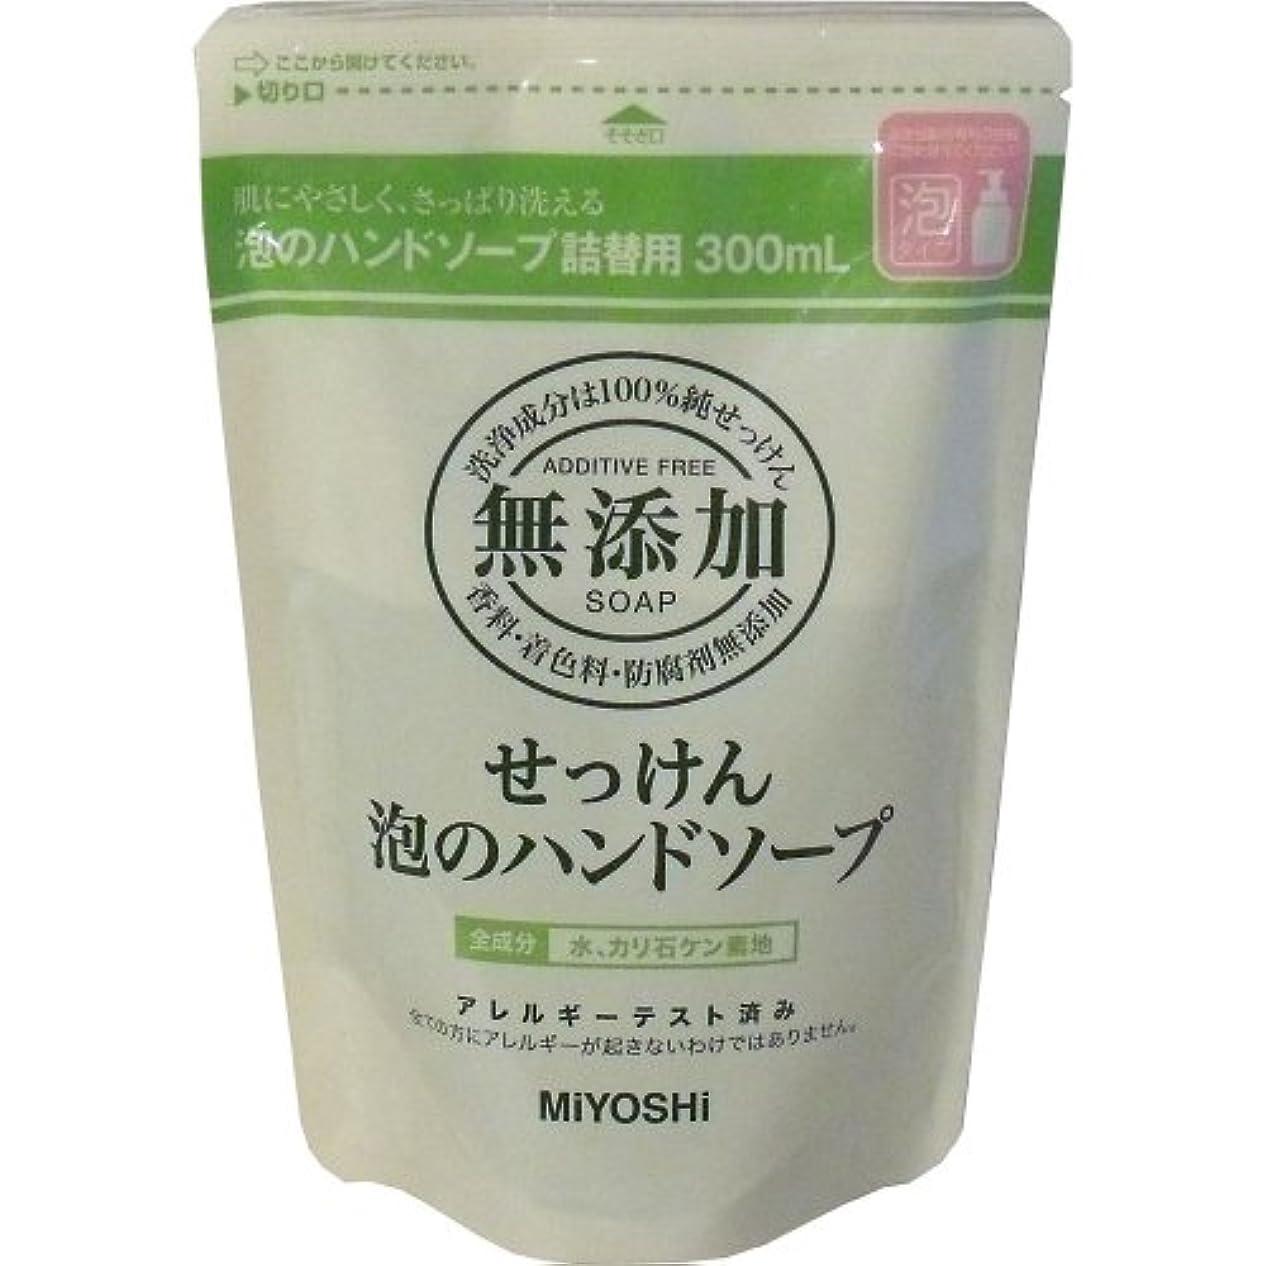 モバイル不格好早めるミヨシ石鹸 無添加せっけん泡ハンドソープ 詰替用300ml×5